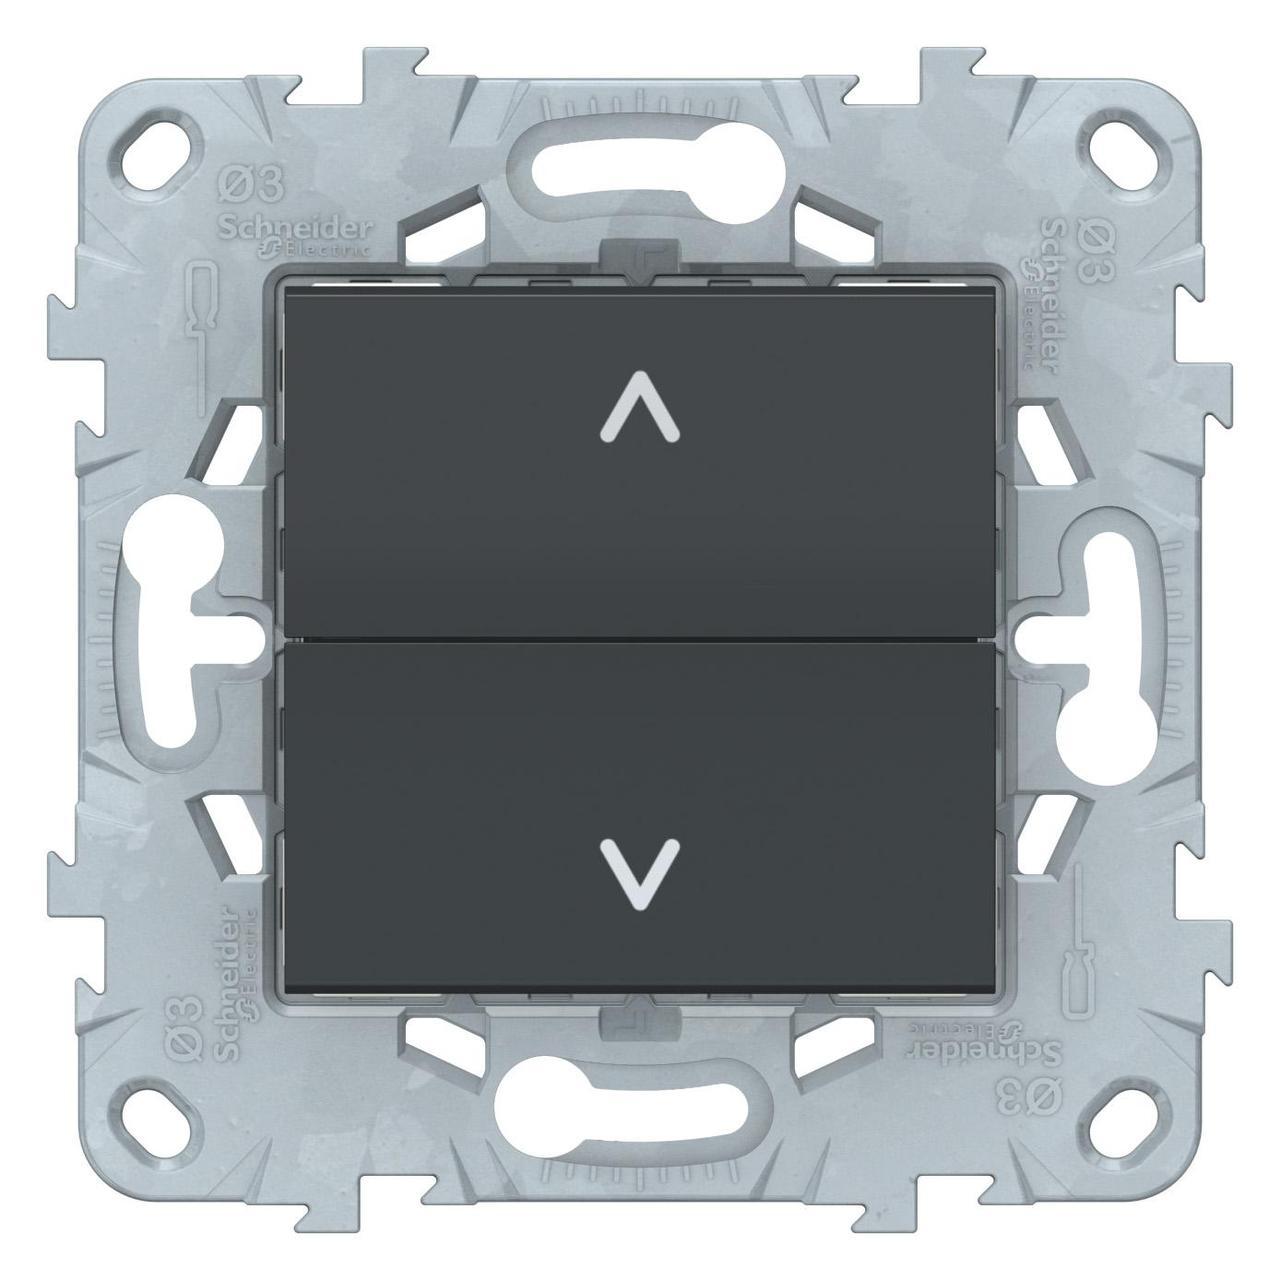 Выключатель для жалюзи (рольставней) кнопочный , Антрацит, серия Unica New, Schneider Electric